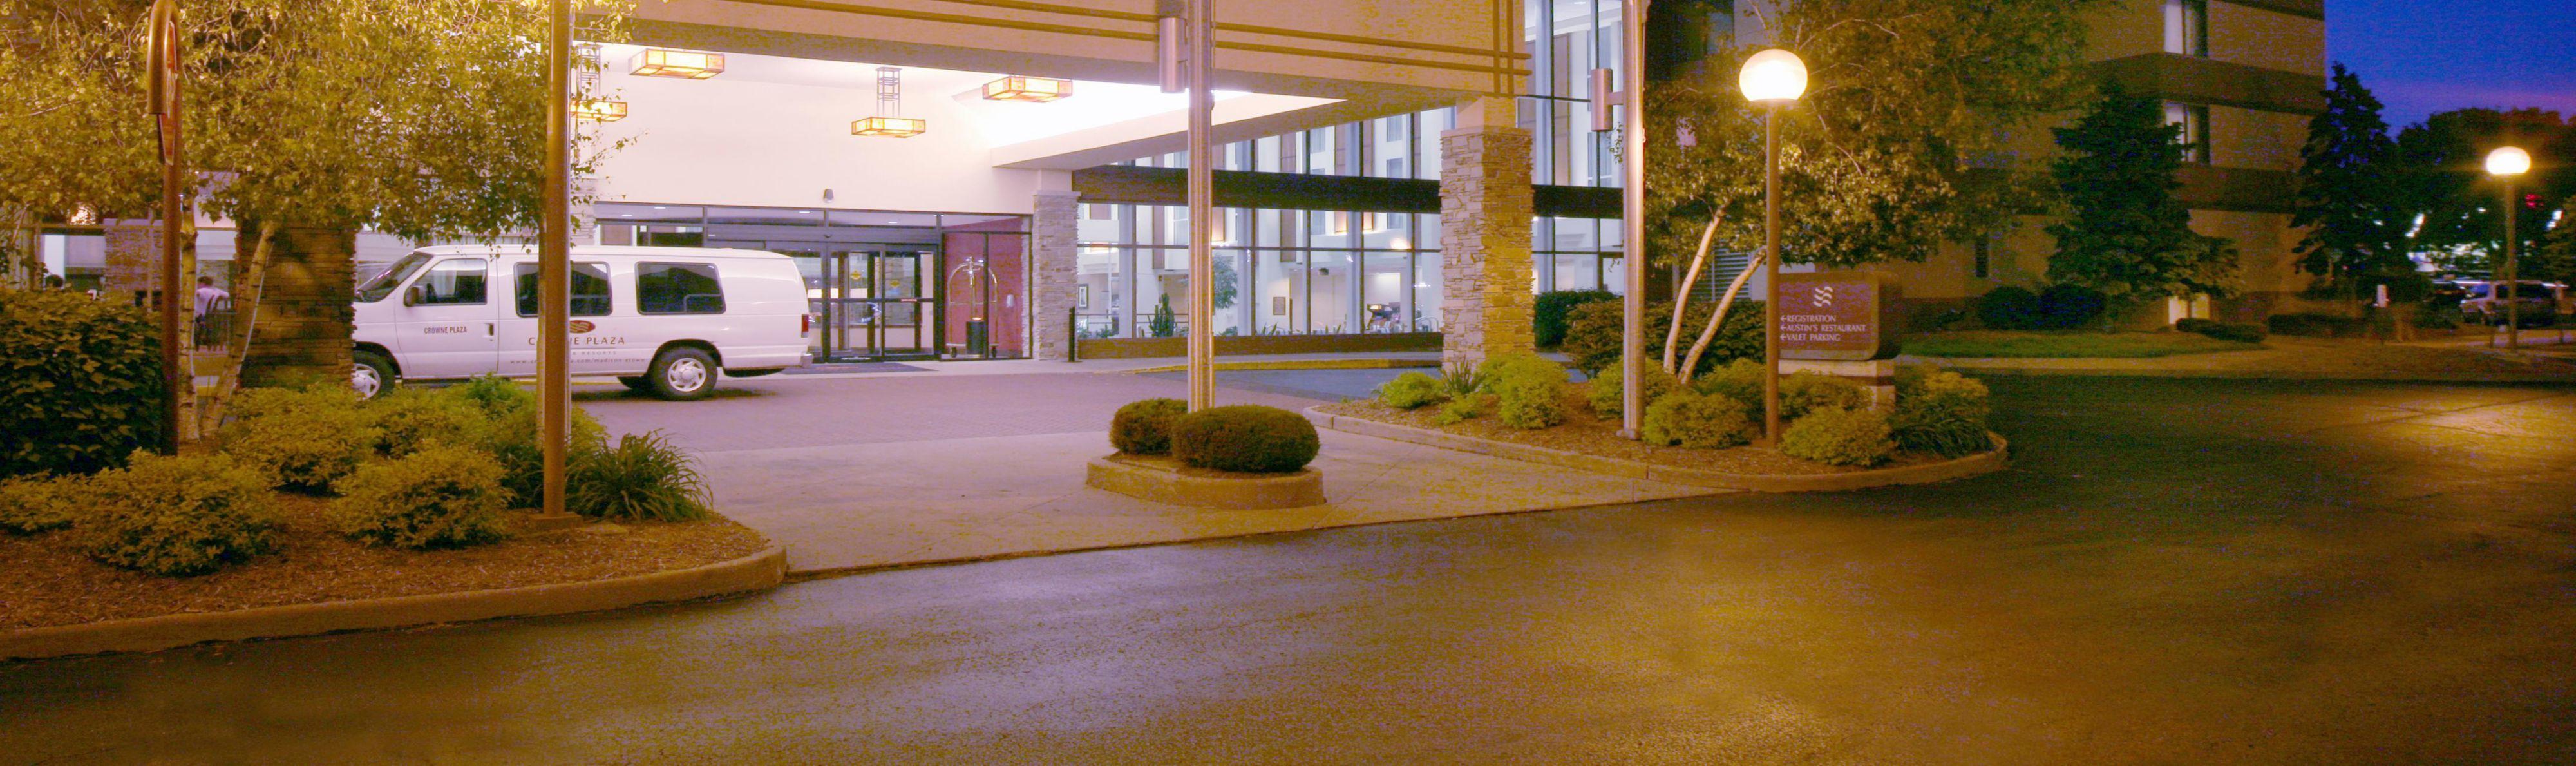 Crowne Plaza Madison image 0